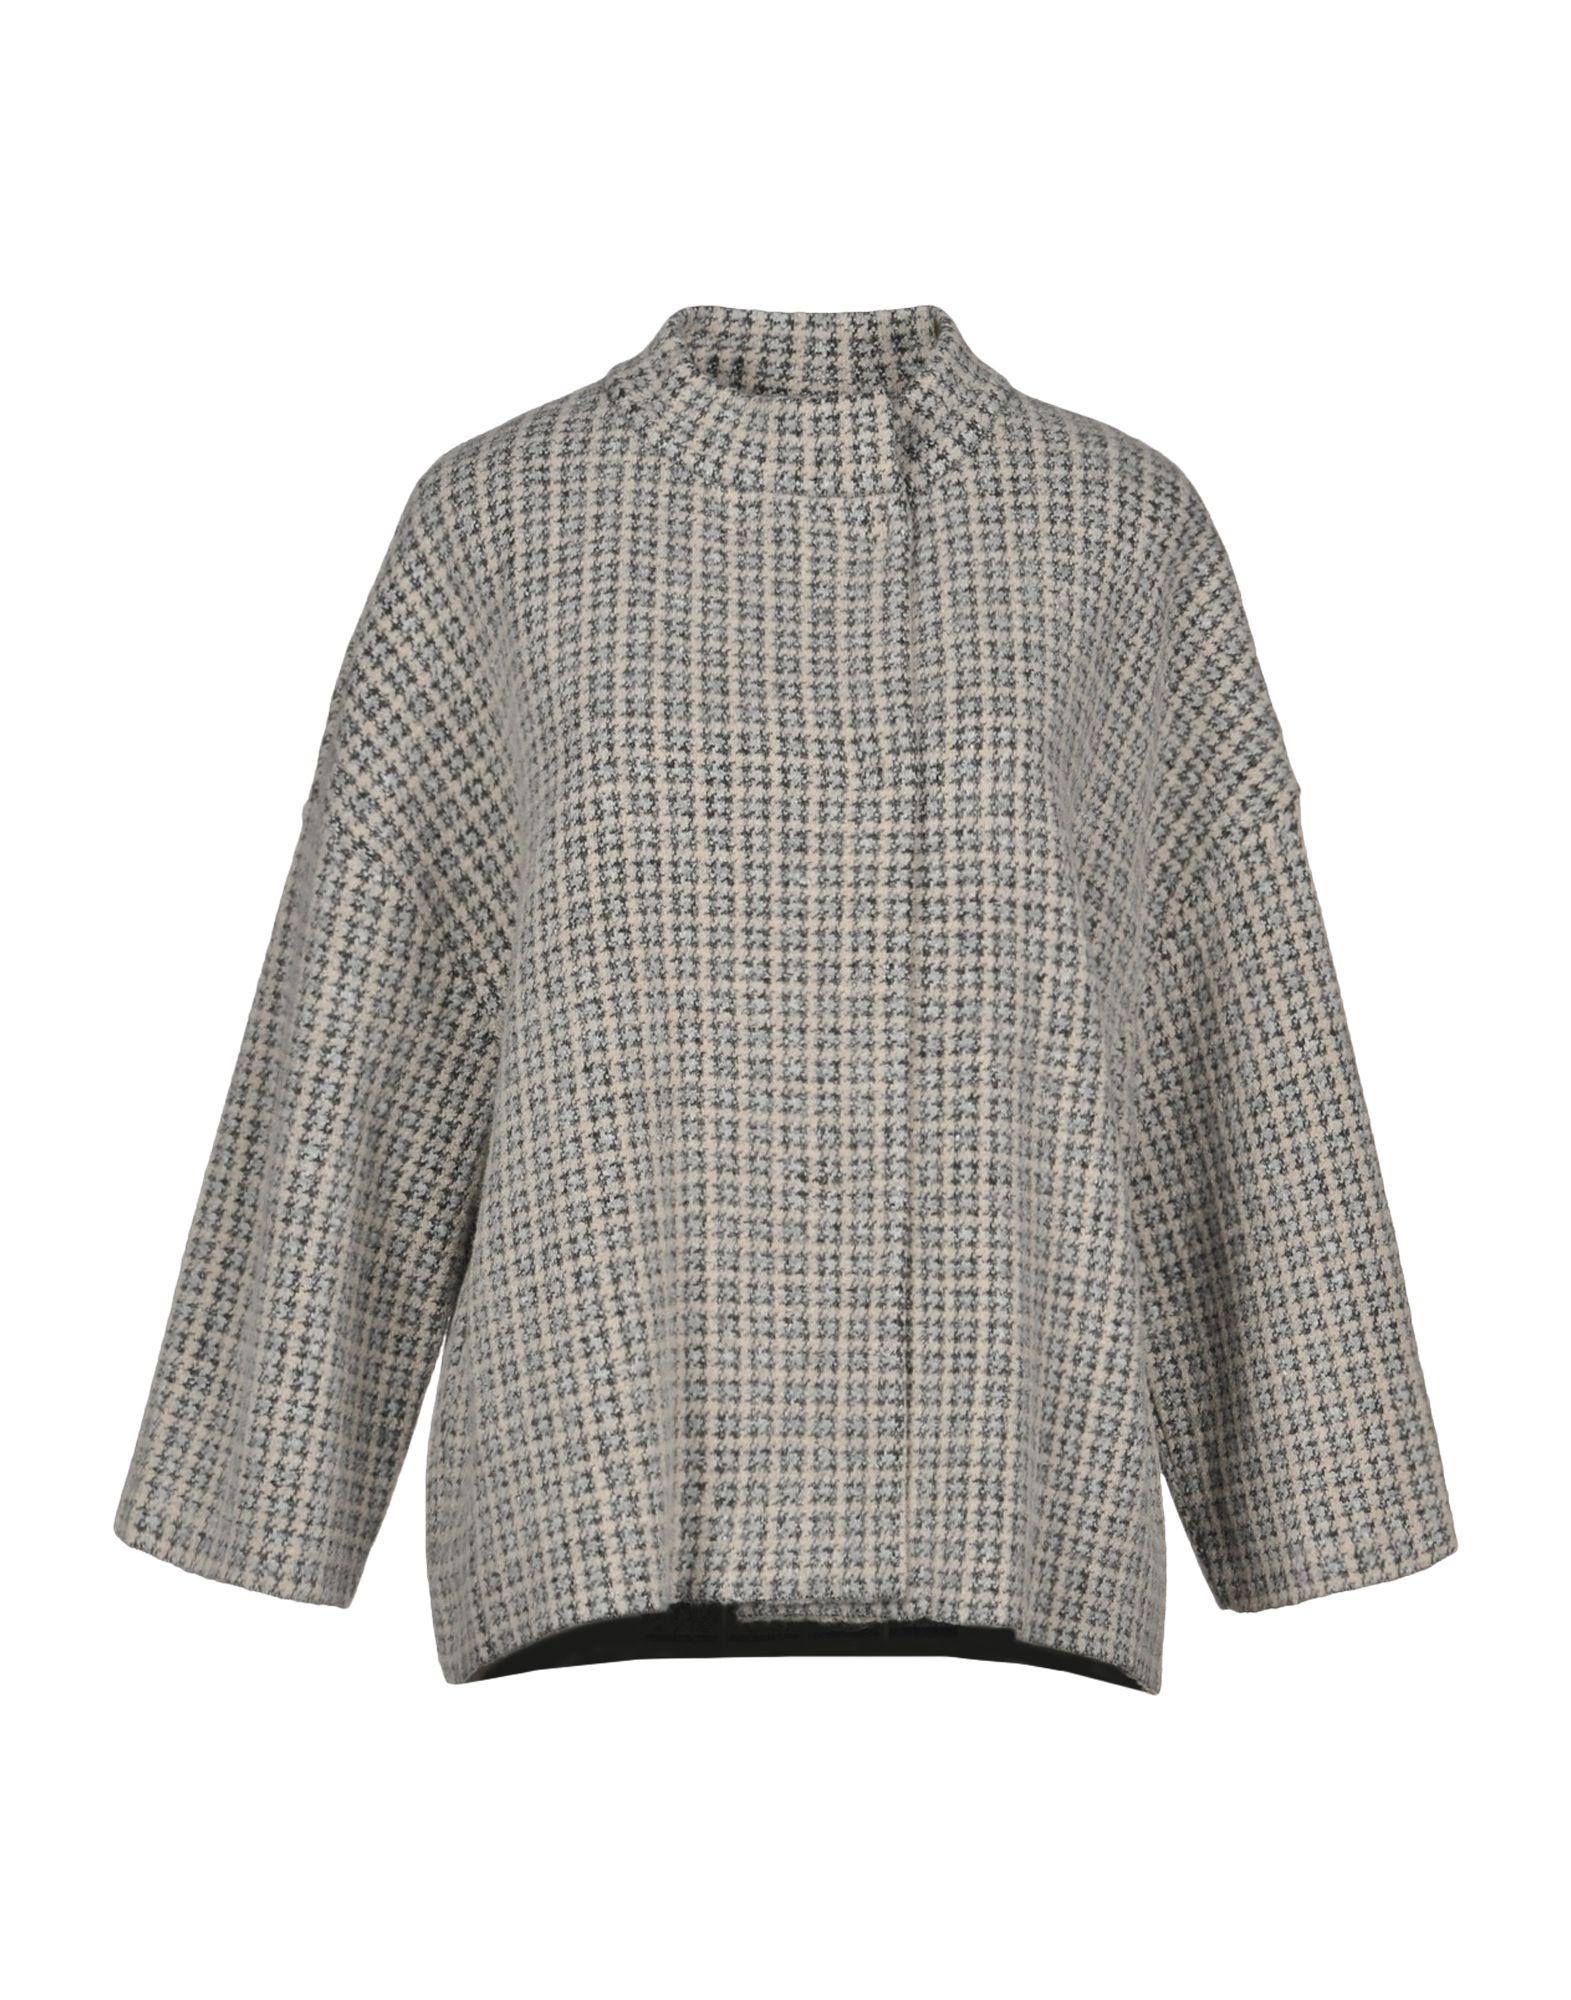 ANNECLAIRE Blazer in Light Grey